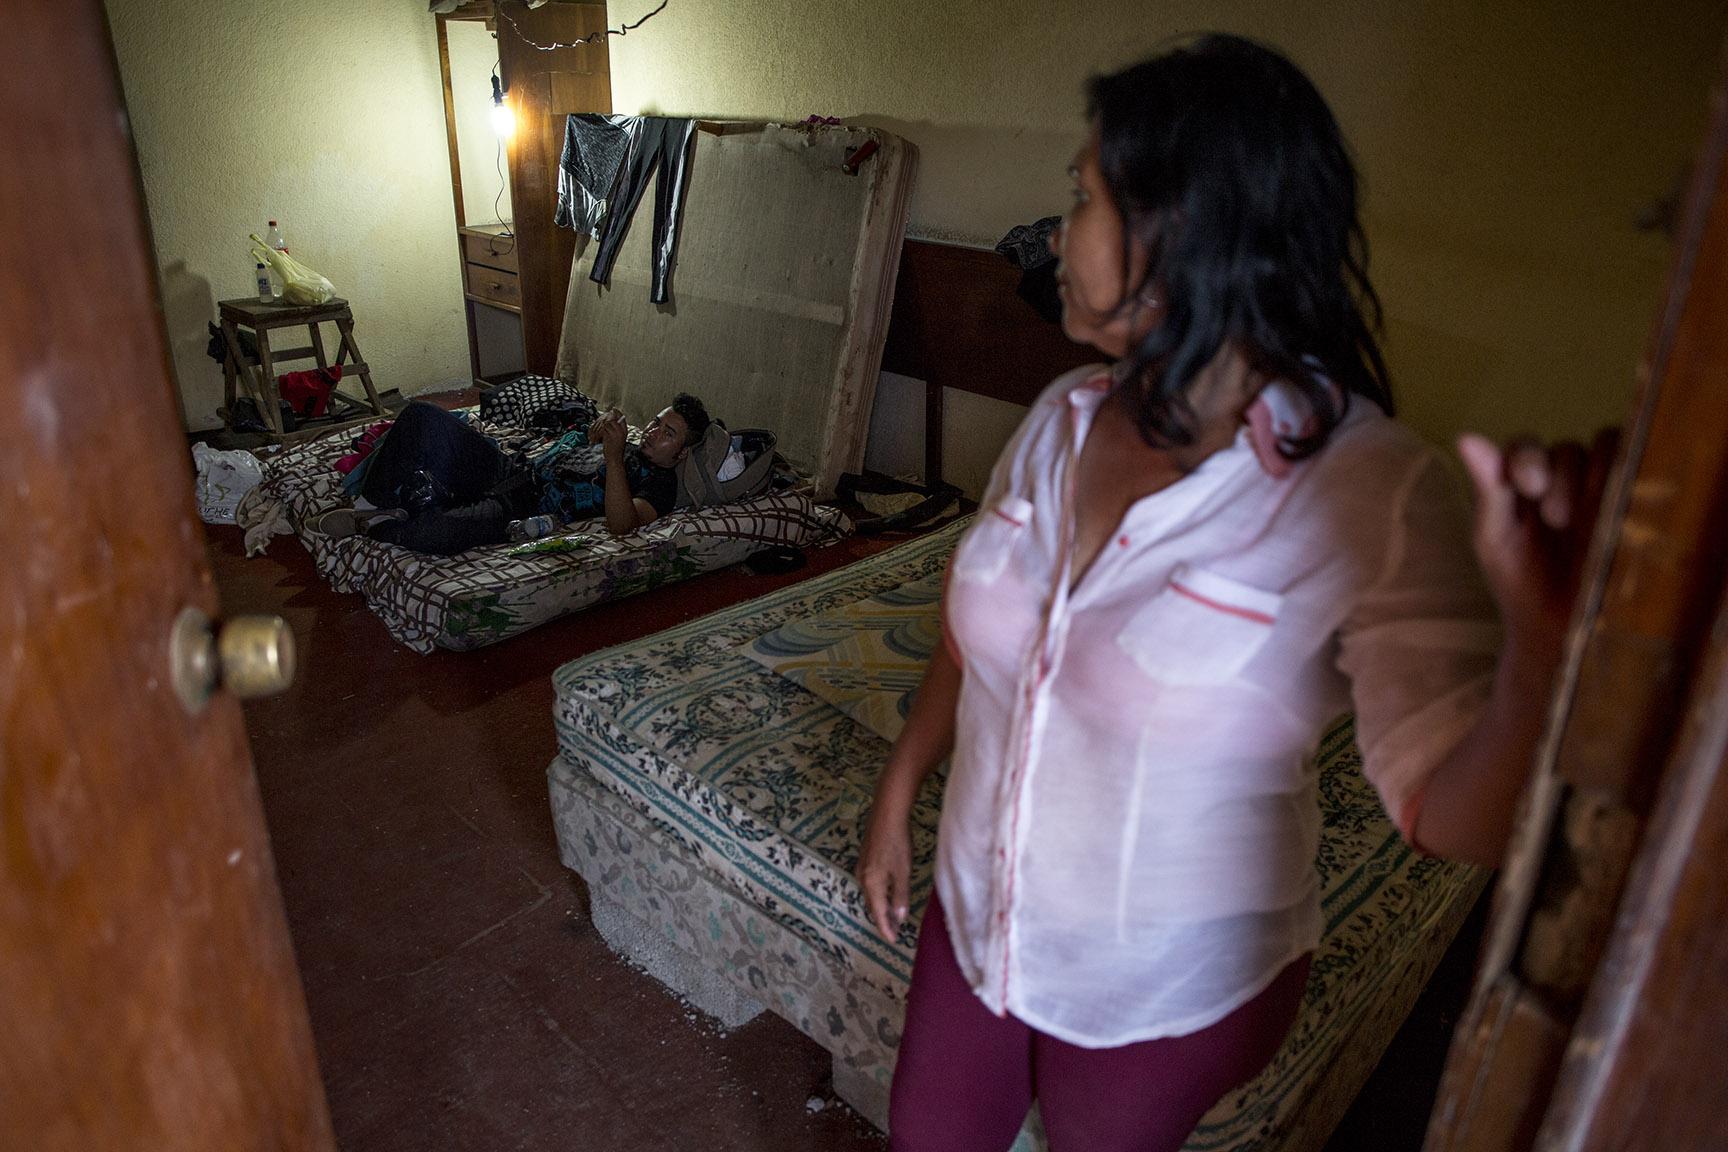 Jairo Savillón, 23, descansa en la cama de un cuarto, custodiado por su madre, Ana María, 55. El joven anda muy trastornado por las condiciones duras del viaje / Simone Dalmasso